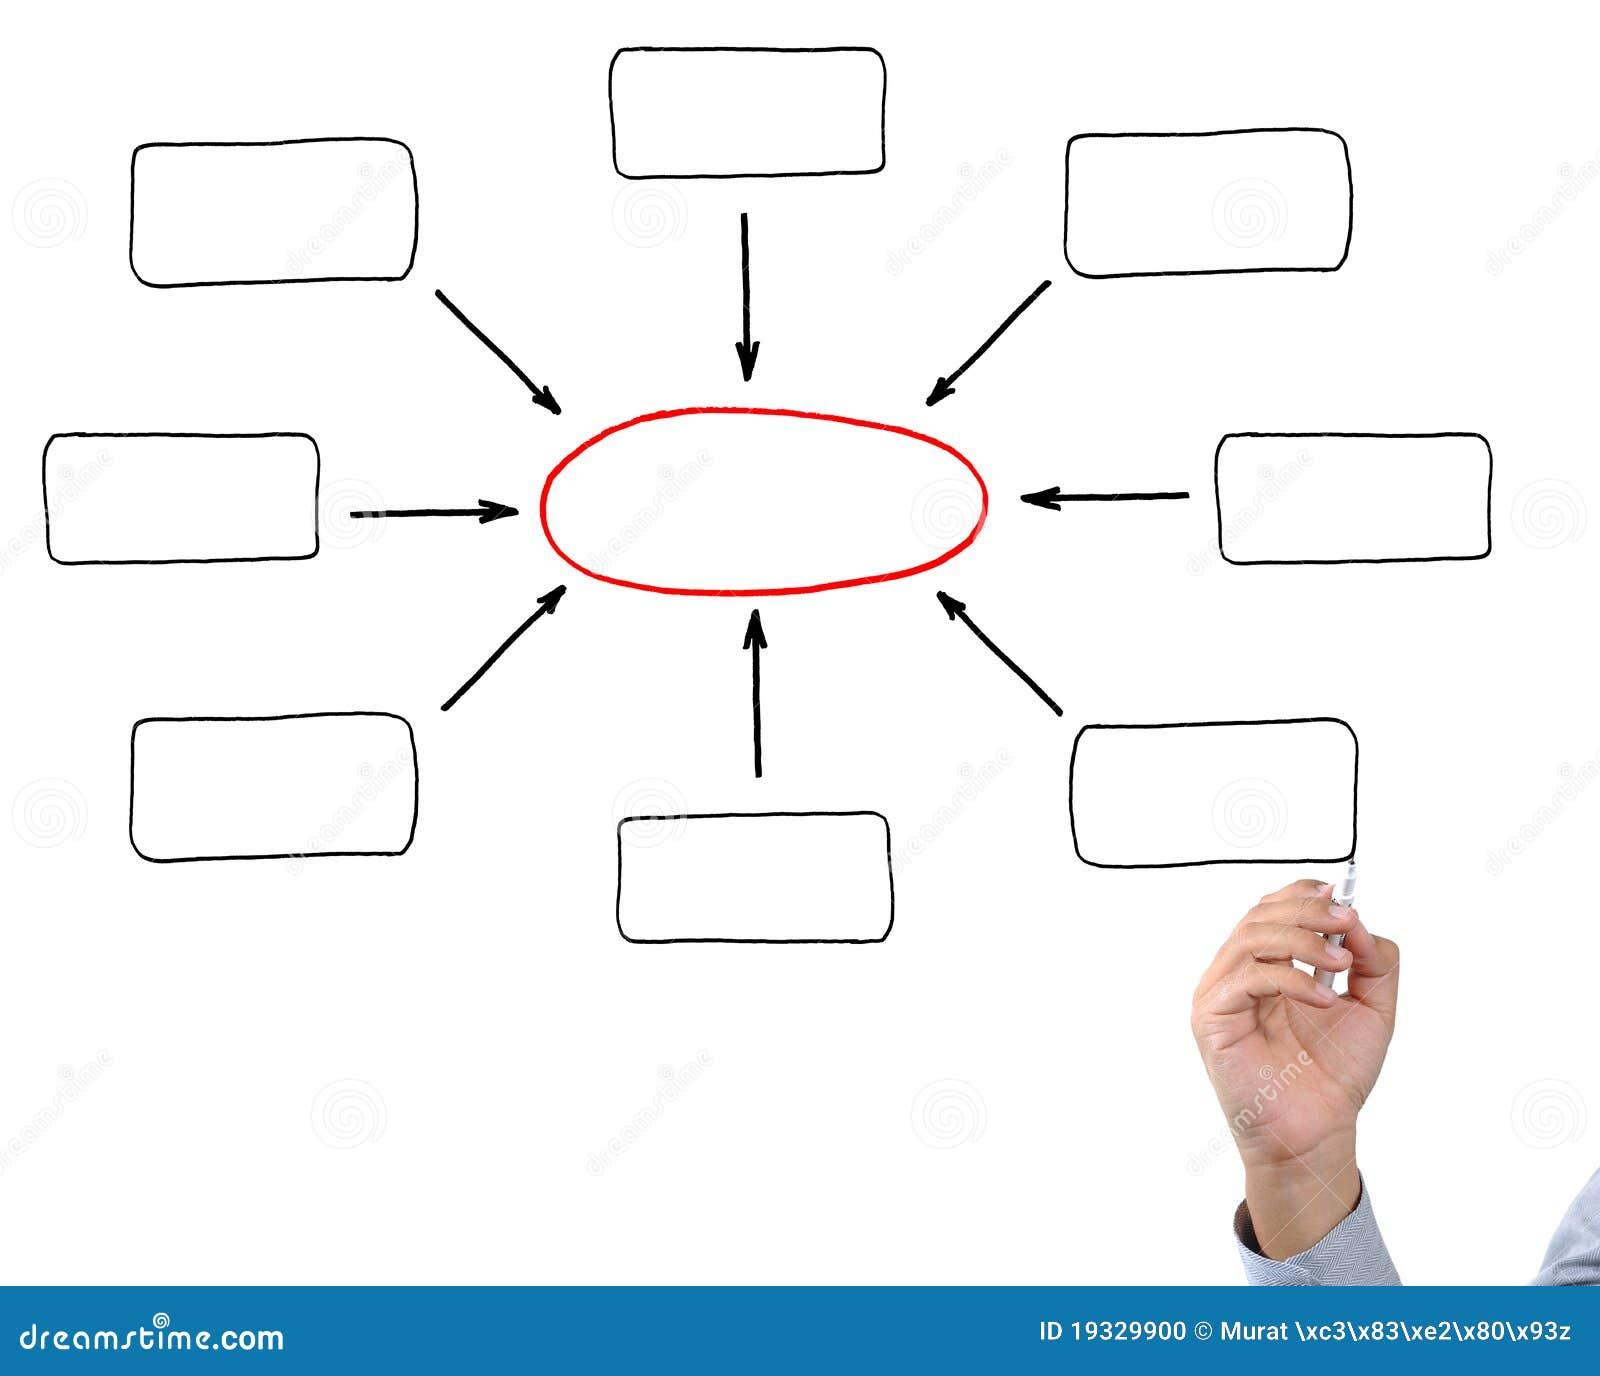 Diagrama vaco ilustraciones stock vectores y clipart 5369 diagrama vaco ilustraciones stock vectores y clipart 5369 ilustraciones stock ccuart Image collections